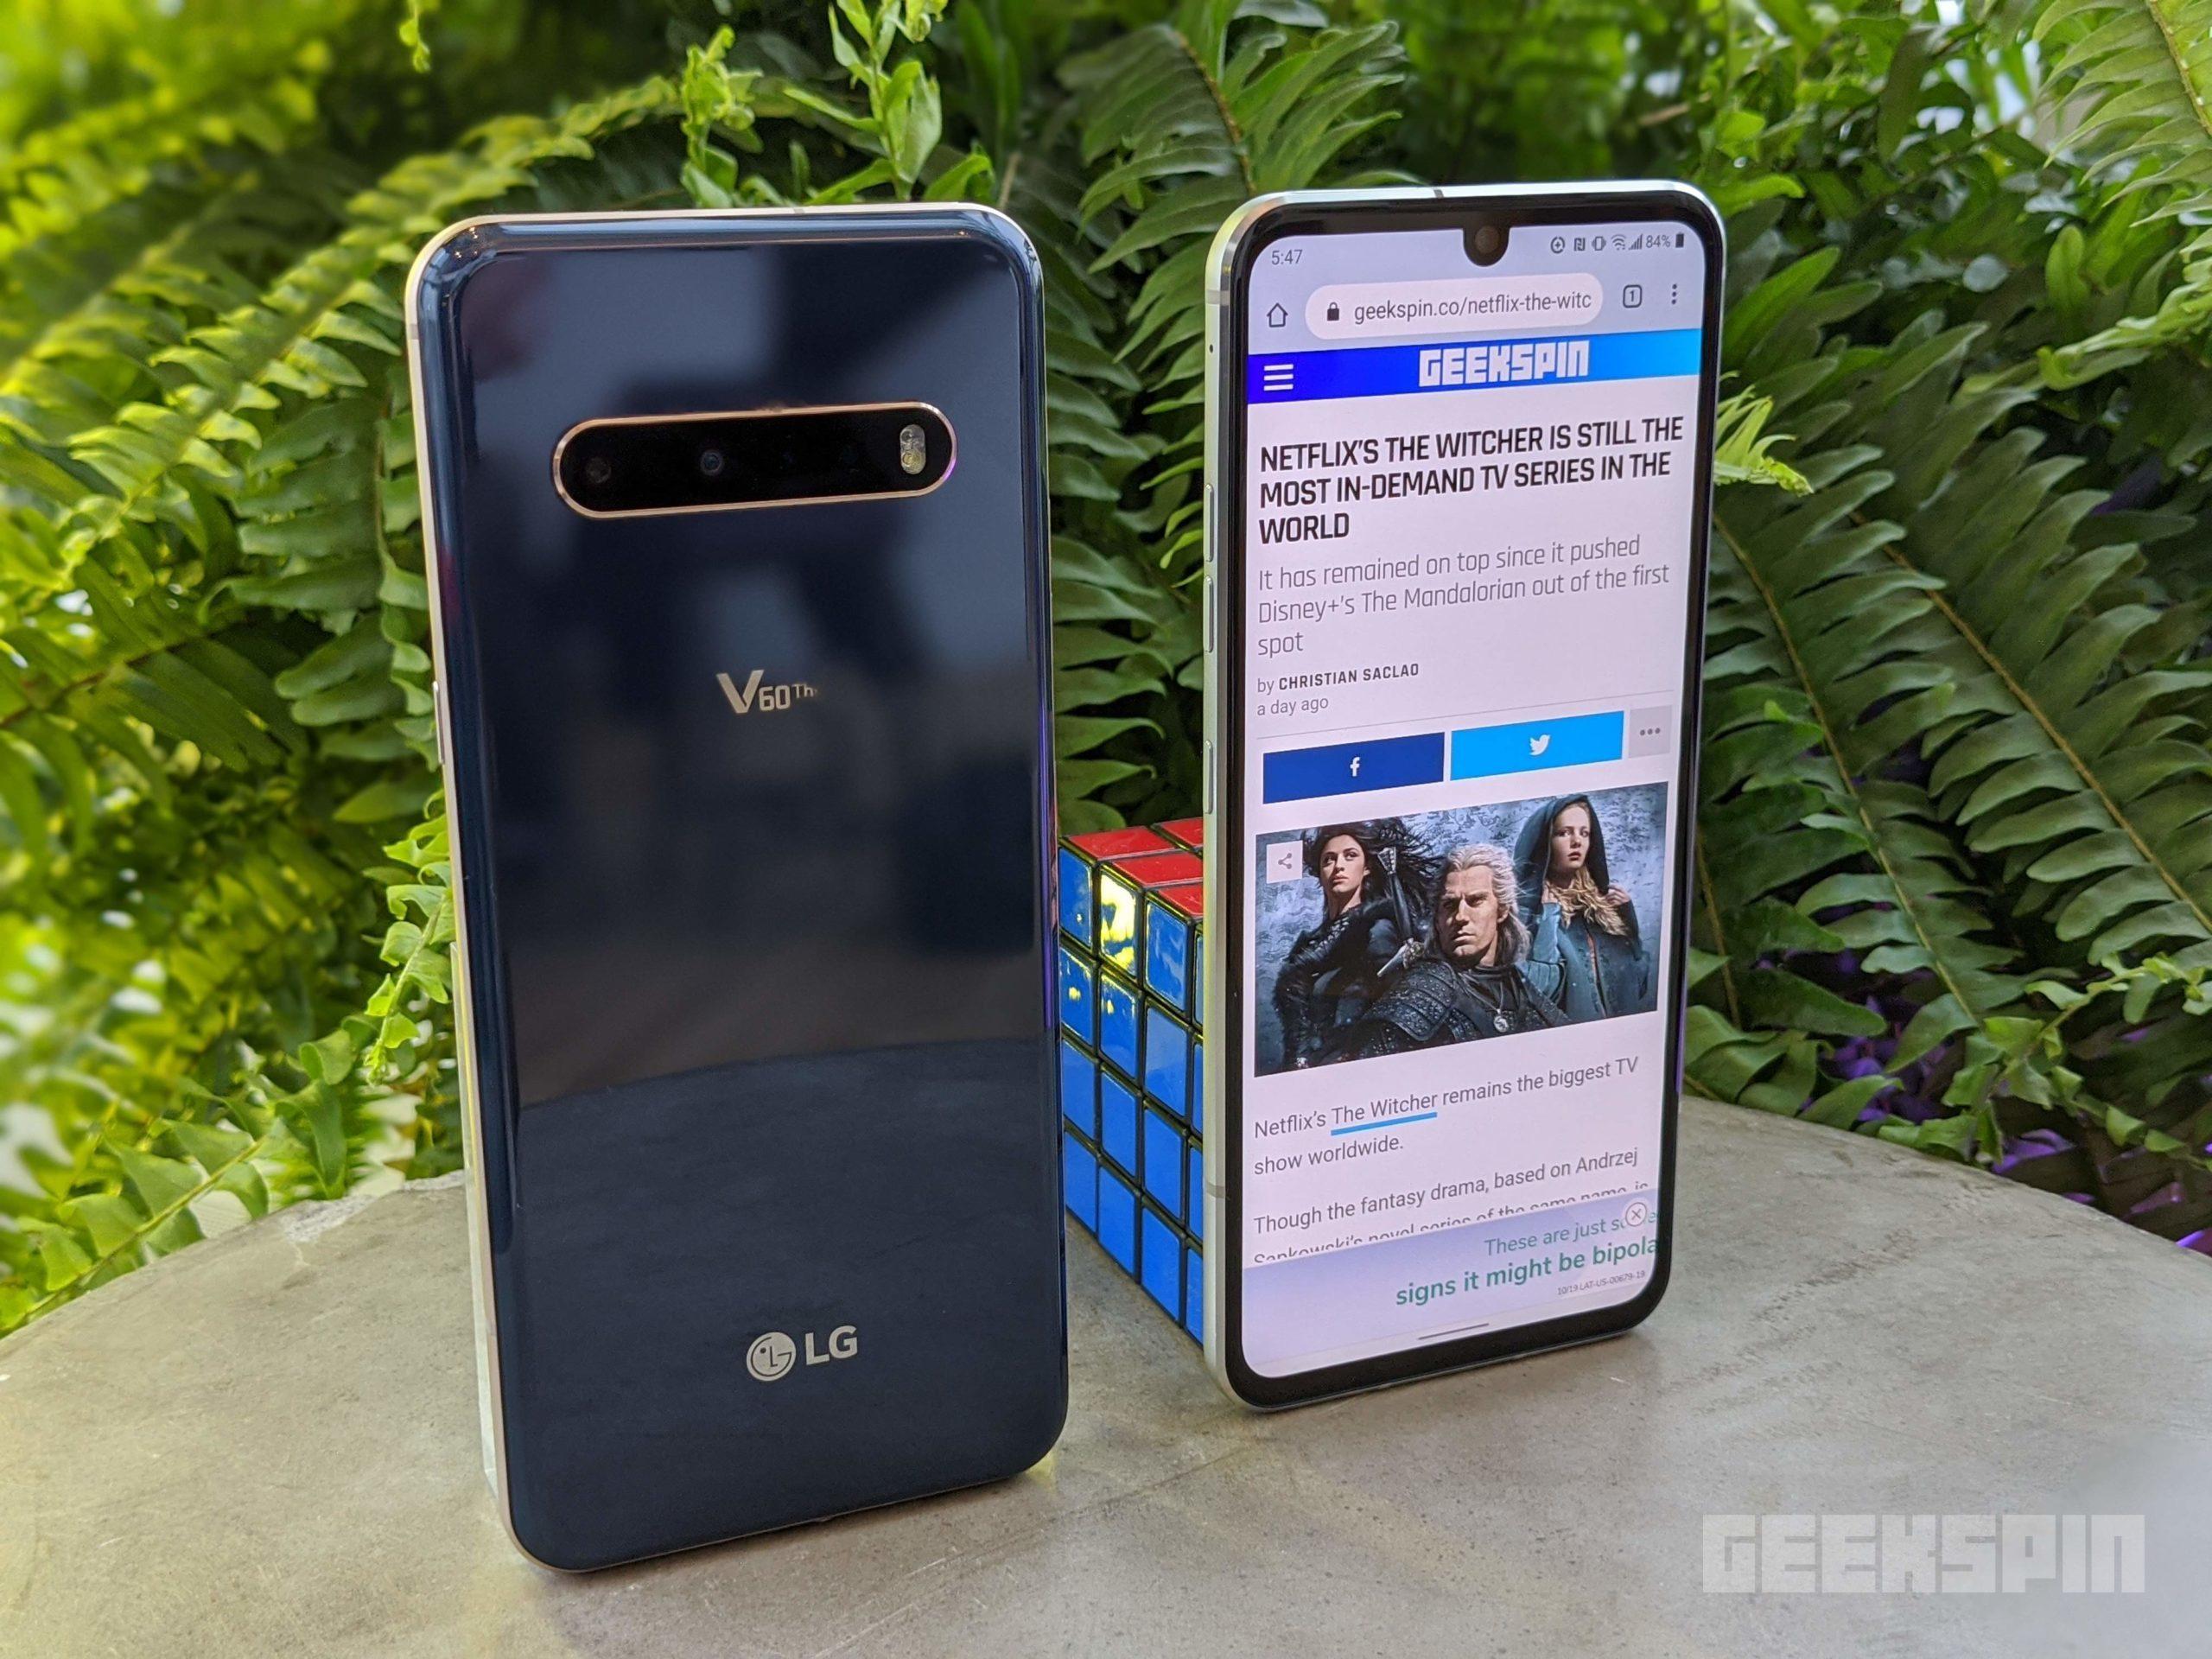 Súpravy LG V60 ThinQ 5G sú doteraz na najväčšom displeji LG spolu so záznamom videa v rozlíšení 8 000 k 1